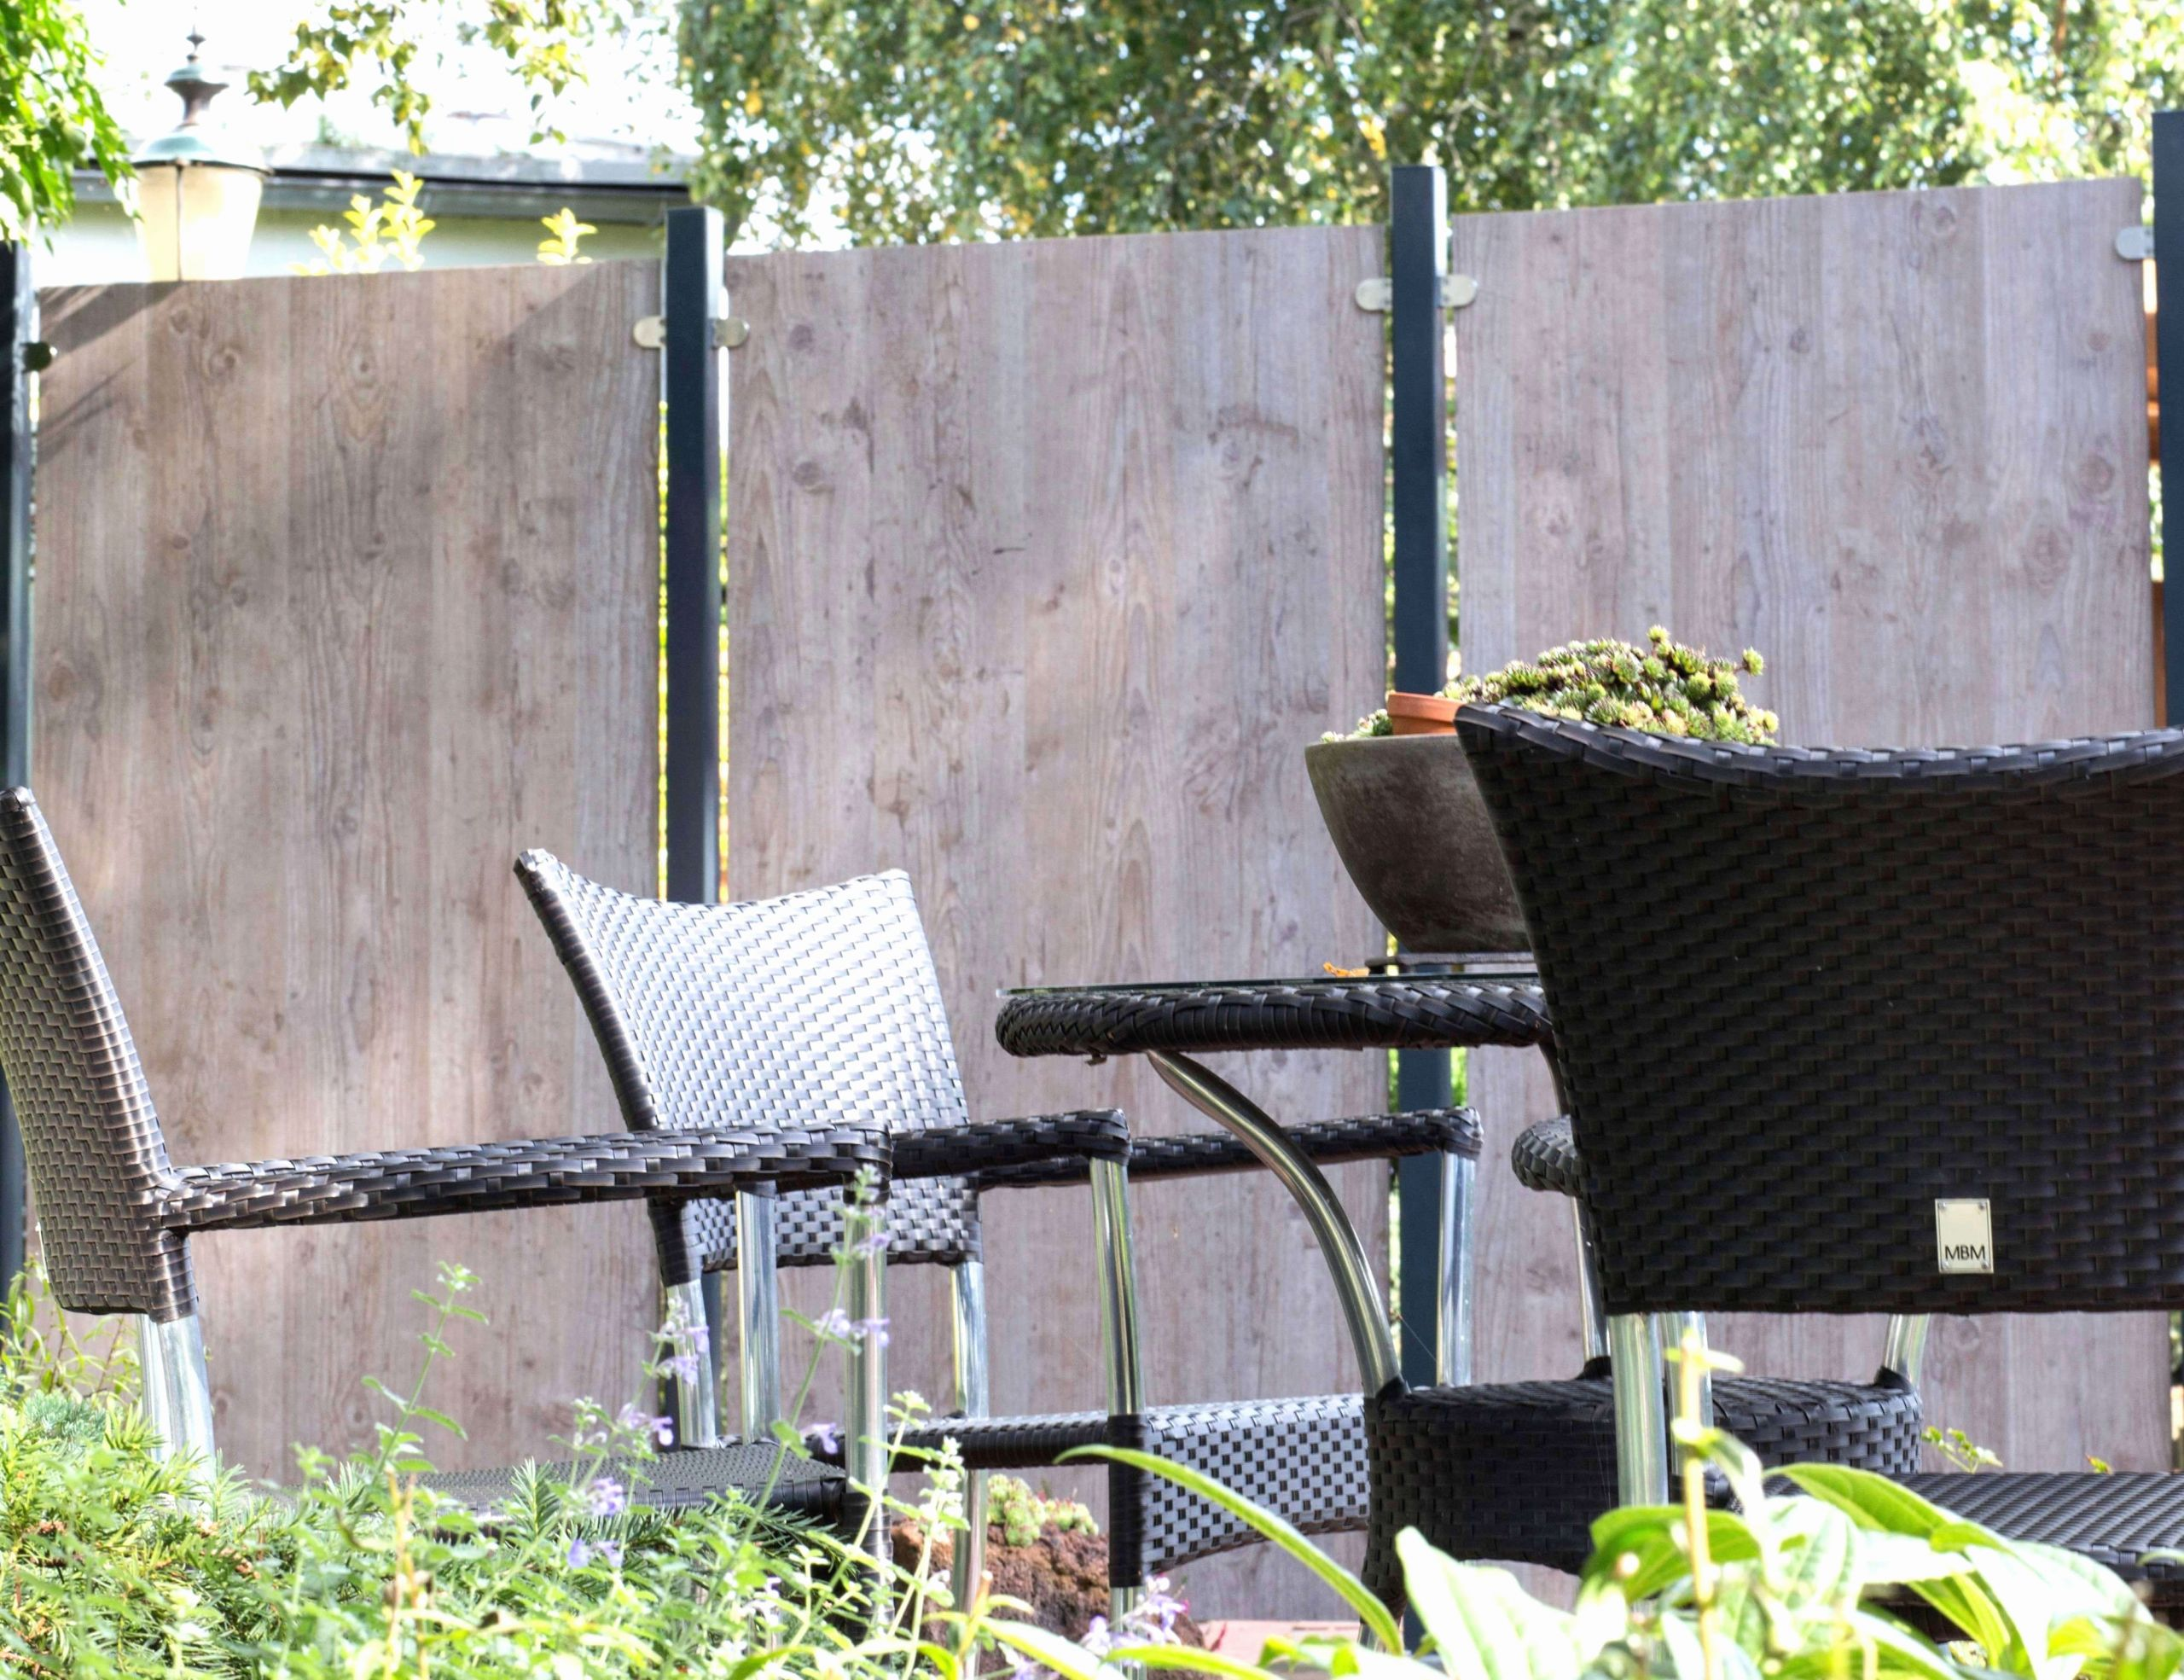 outdoor sculpture garden new terrassengestaltung mit sichtschutz schon garten trennwand holz auf of outdoor sculpture garden